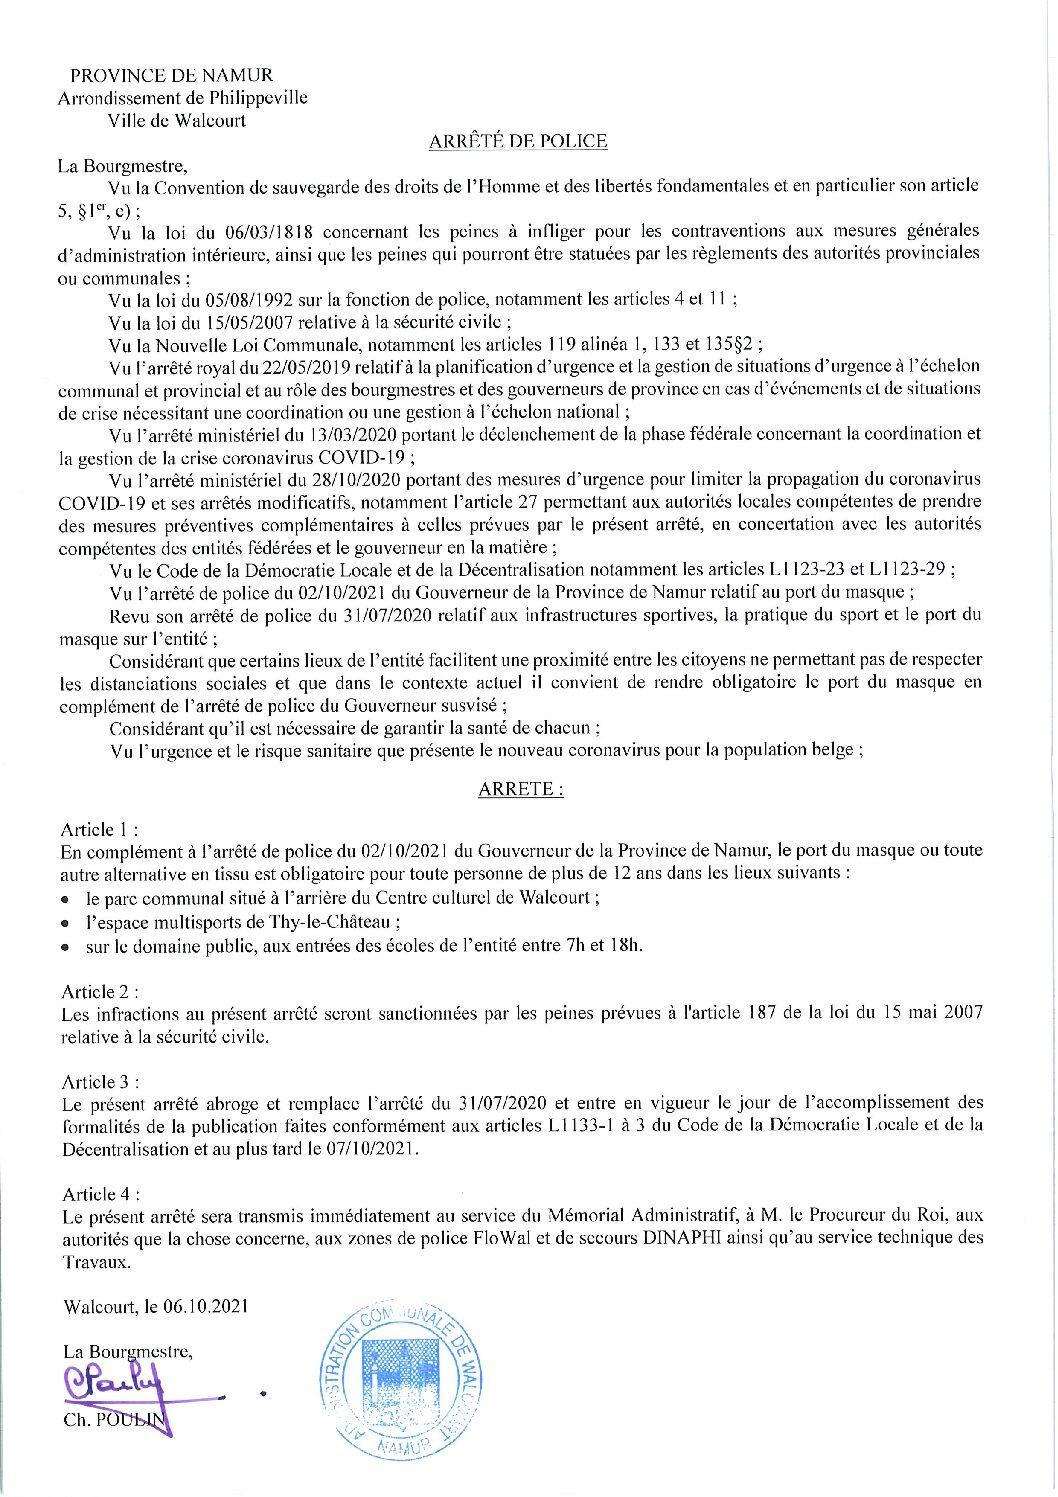 Arrêté de police du Bourgmestre de la Ville de Walcourt relatif au port du masque applicable à partir u 6 octobre 2021